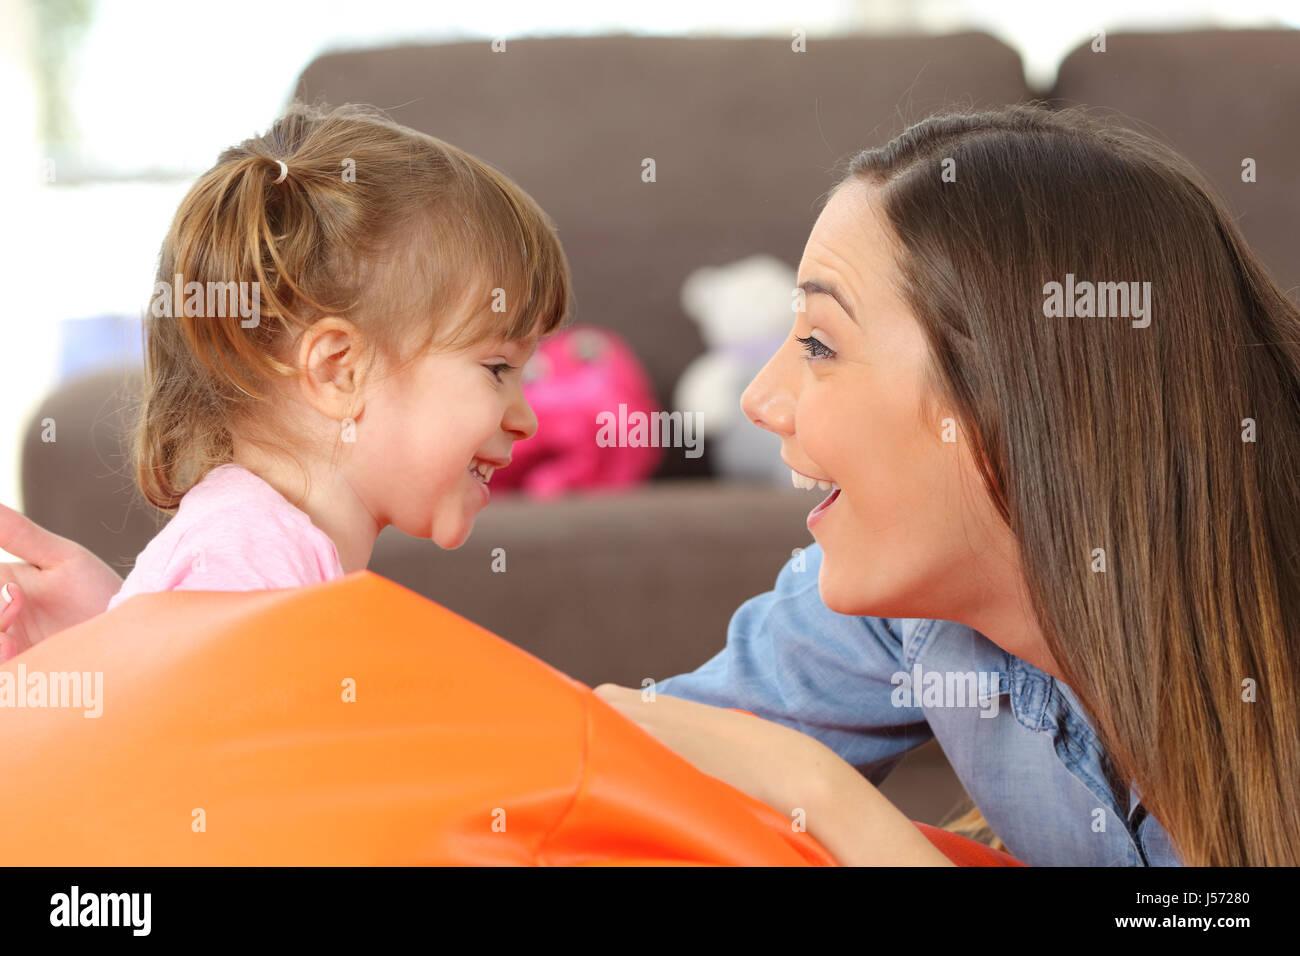 Vista laterale ritratto di una madre felice e 2 anni bimba affacciata e scherzando nel salotto di casa Immagini Stock